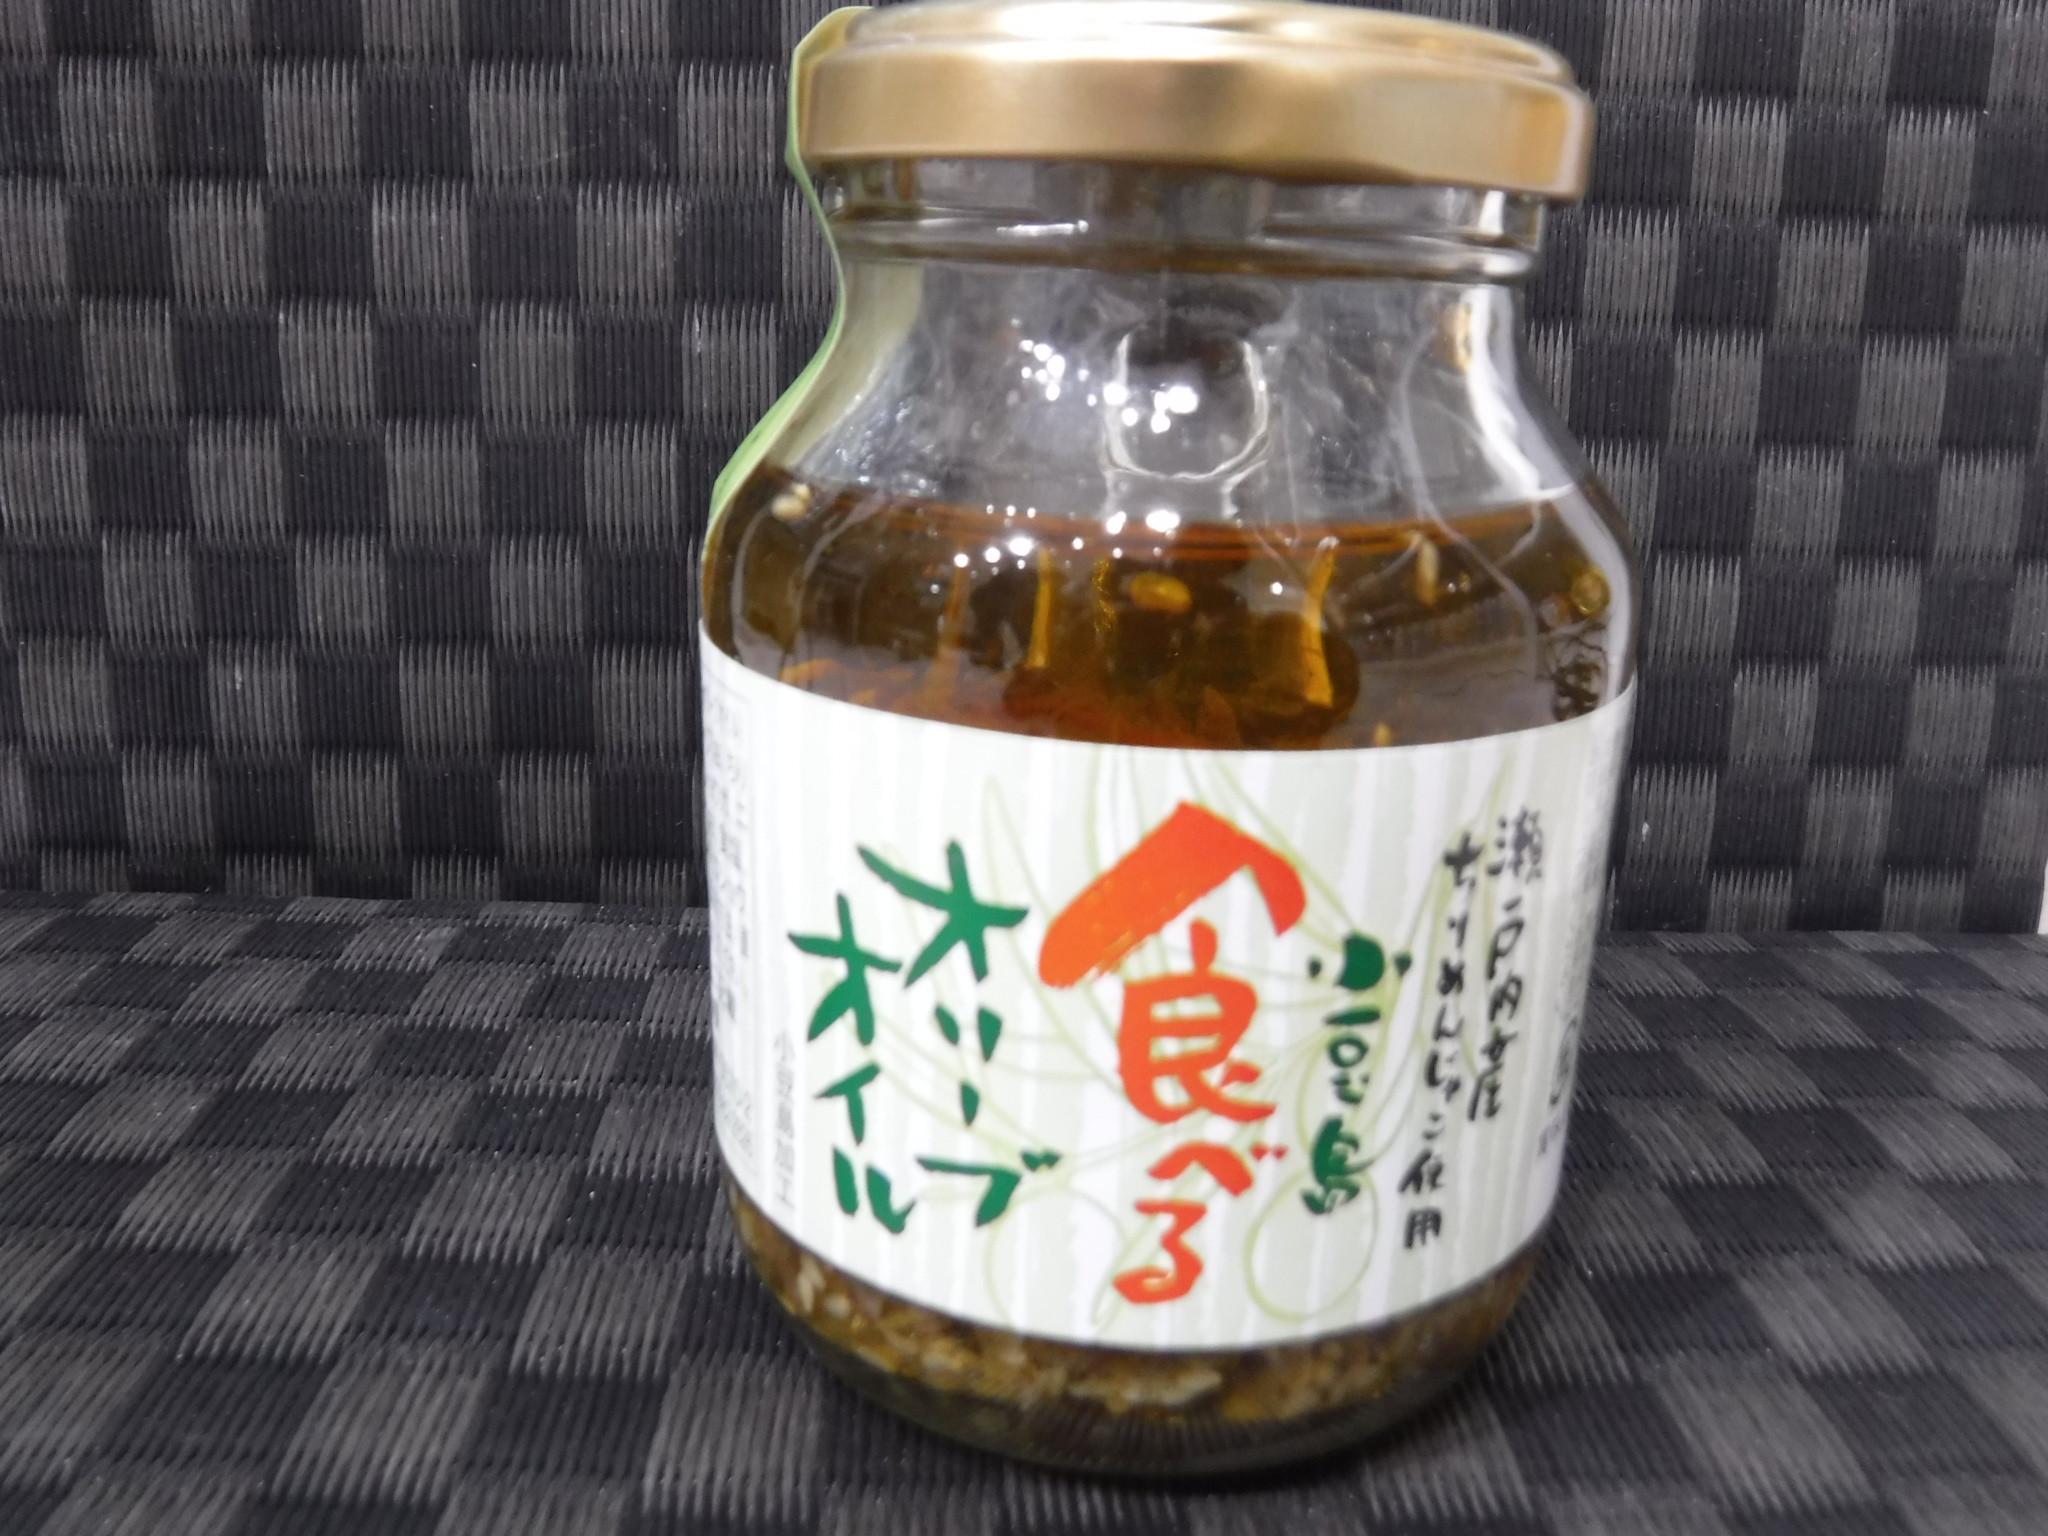 食べるオリーブオイル 小豆島産オリーブオイル